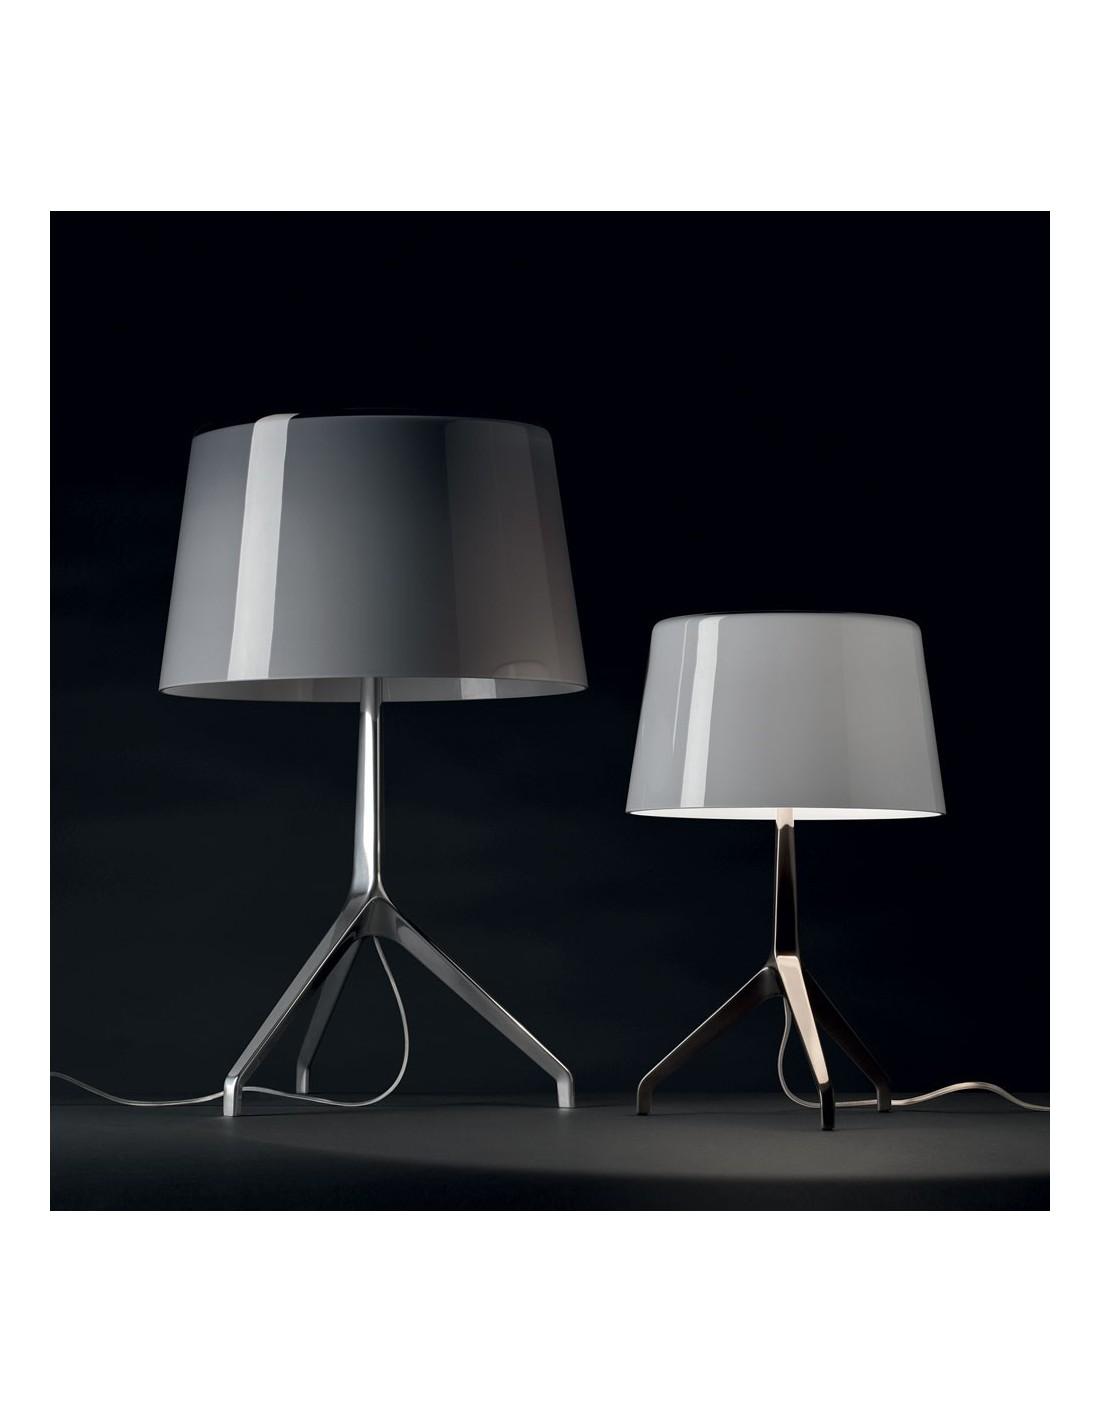 lampe de table lumi re xxl foscarini gris mise en sc ne. Black Bedroom Furniture Sets. Home Design Ideas